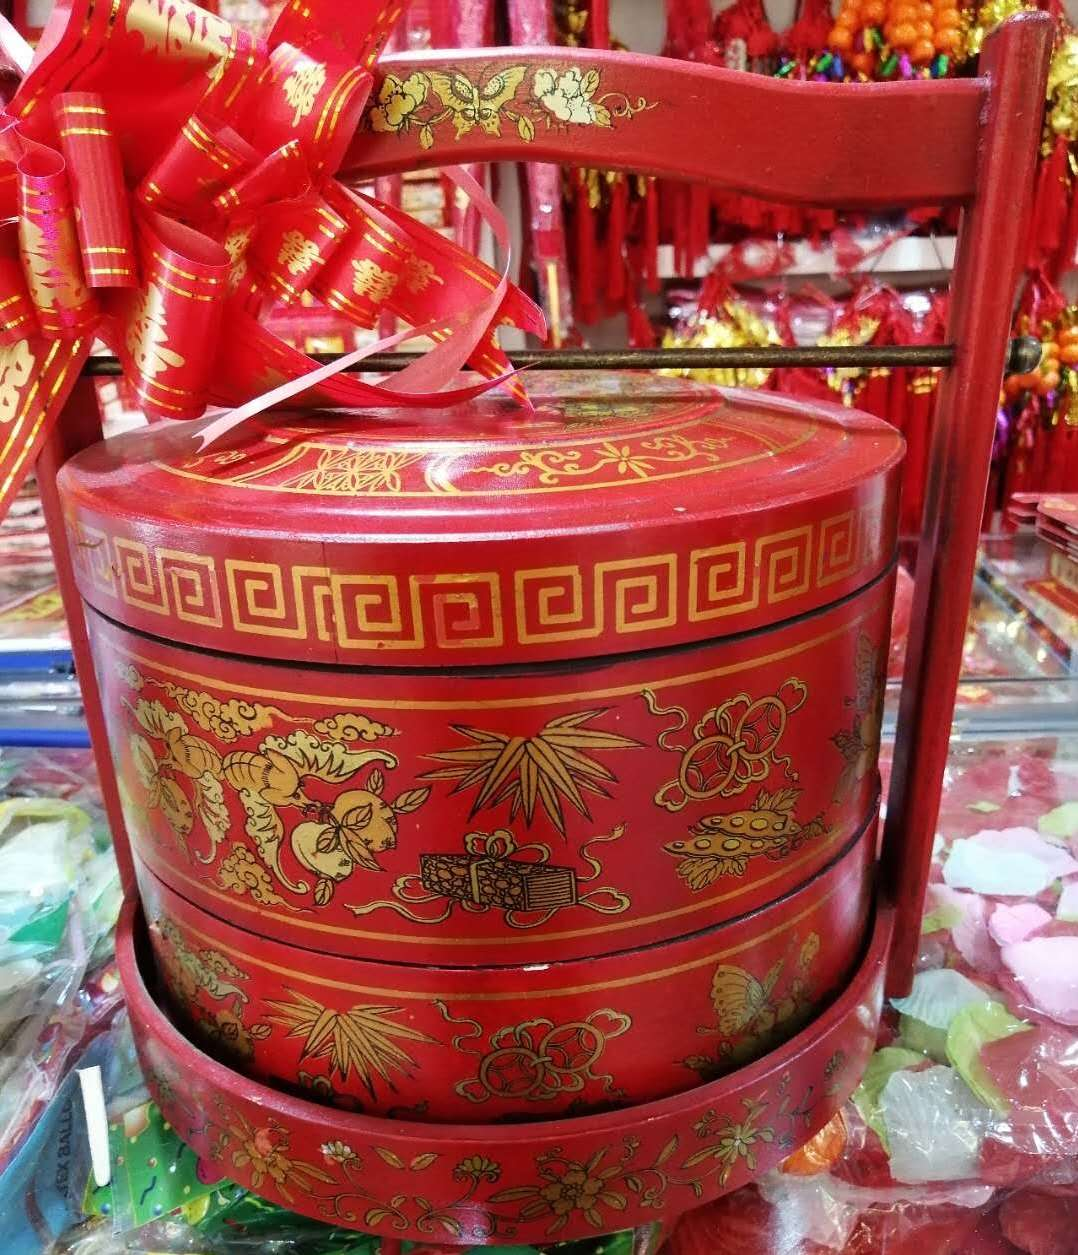 温州订婚习俗 仿古木质手提盒食盒礼盒 订婚六样盒箩筐大六盒鸡笼